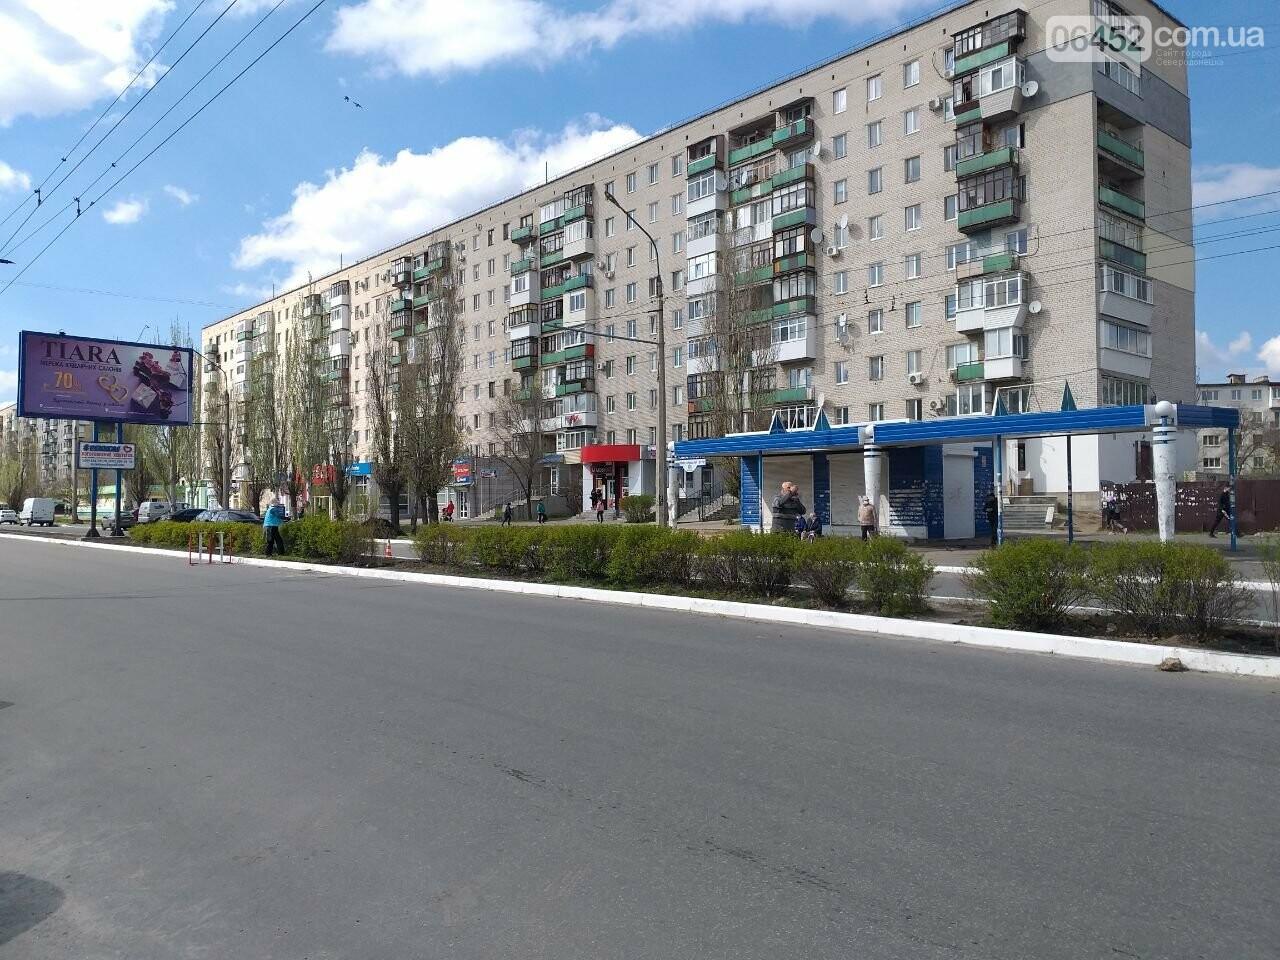 В Северодонецке озеленяют Гвардейский проспект (фото) , фото-3